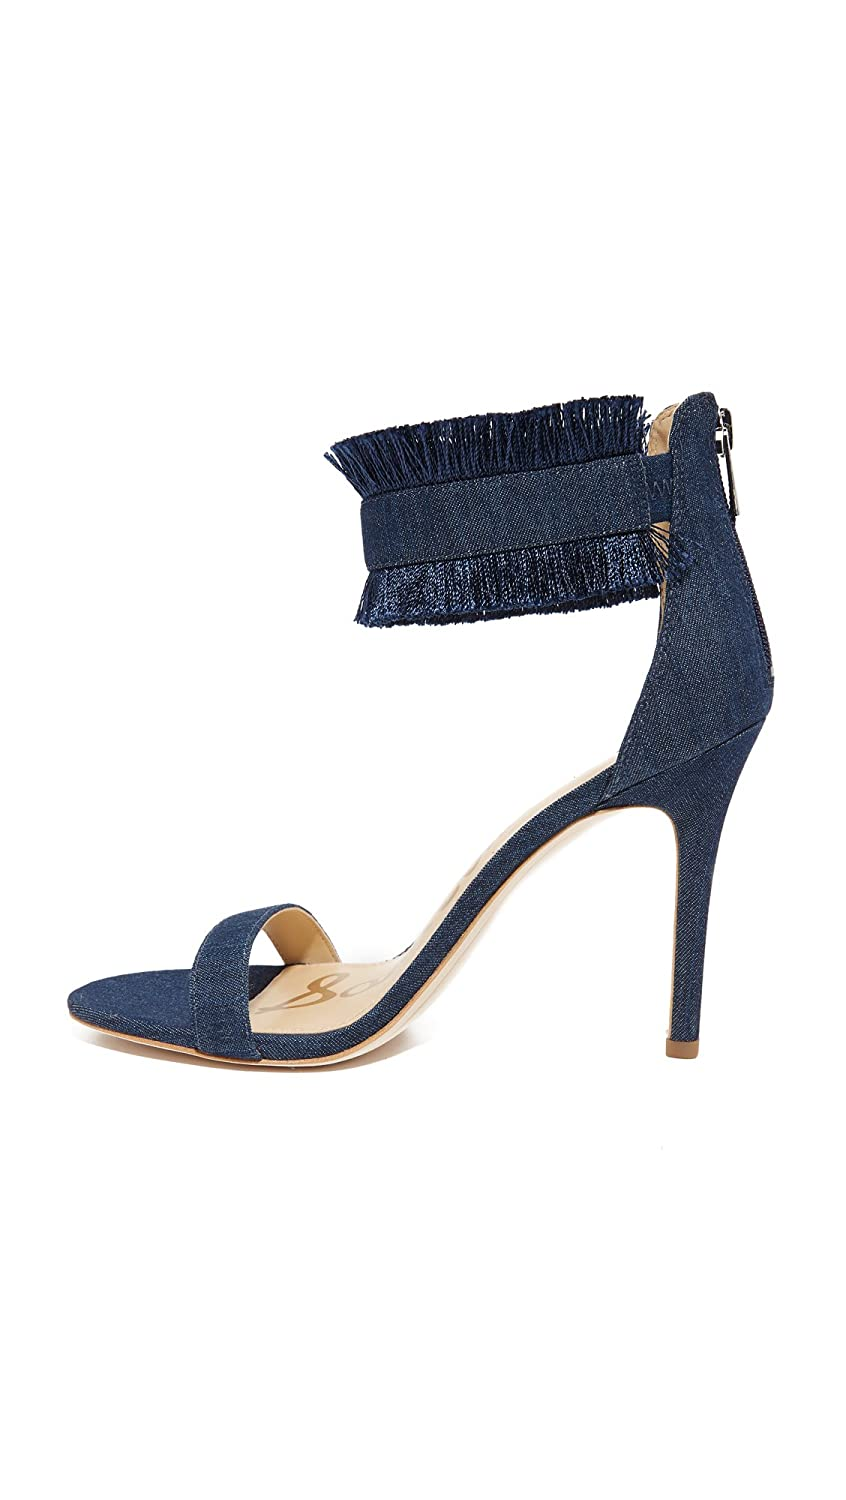 Sam Edelman Woman Anabeth Fringed Suede Sandals Size 8.5 8HsGc